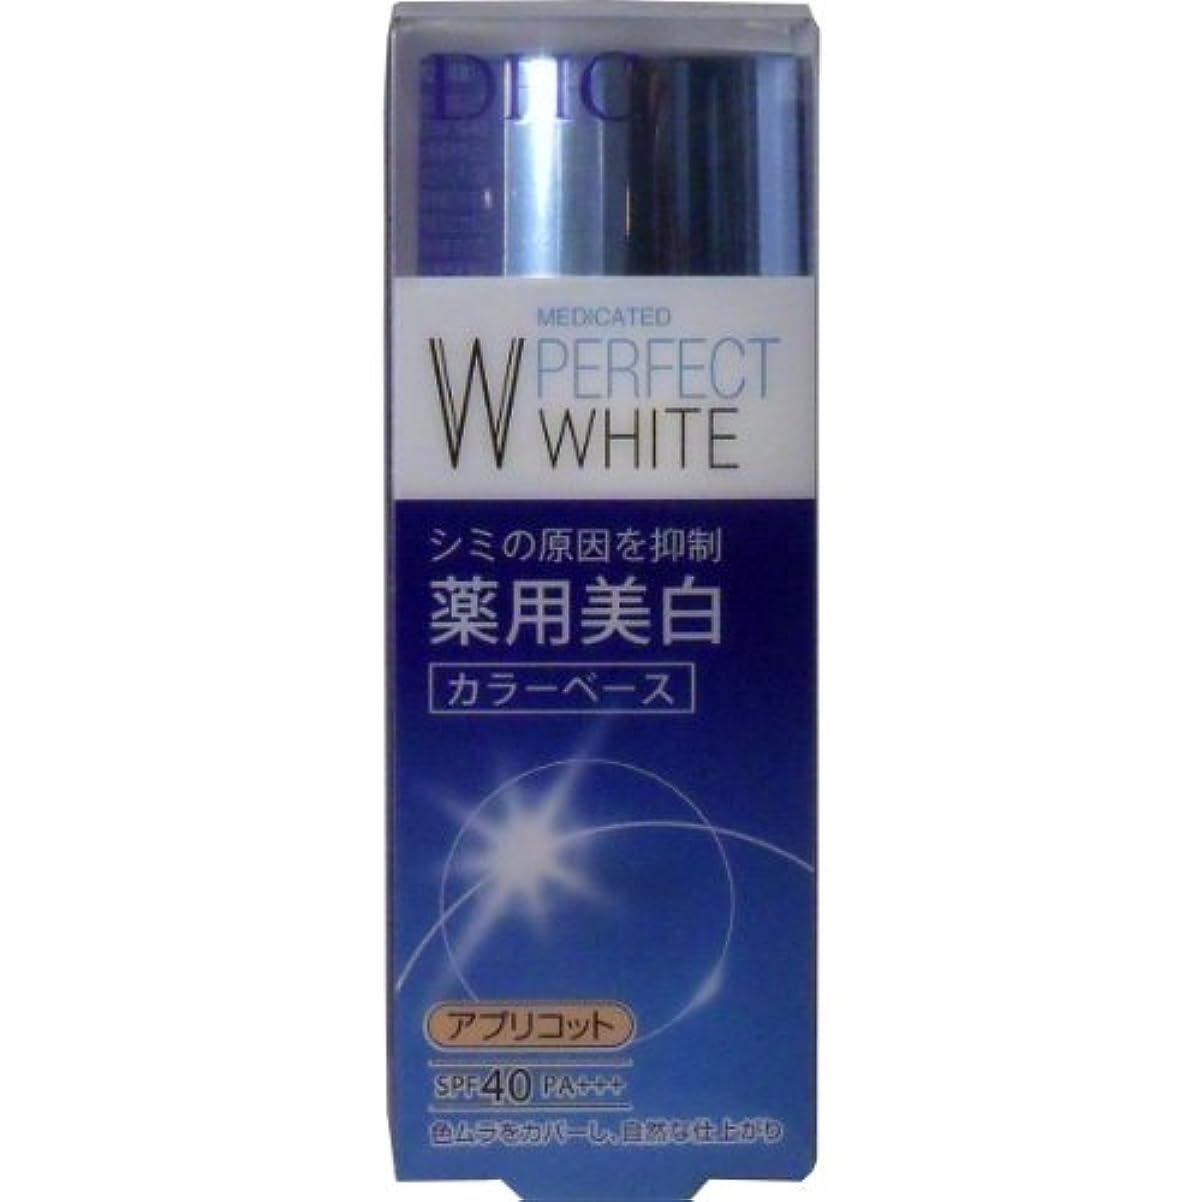 暗いライド不純DHC 薬用美白パーフェクトホワイト カラーベース アプリコット 30g (商品内訳:単品1個)